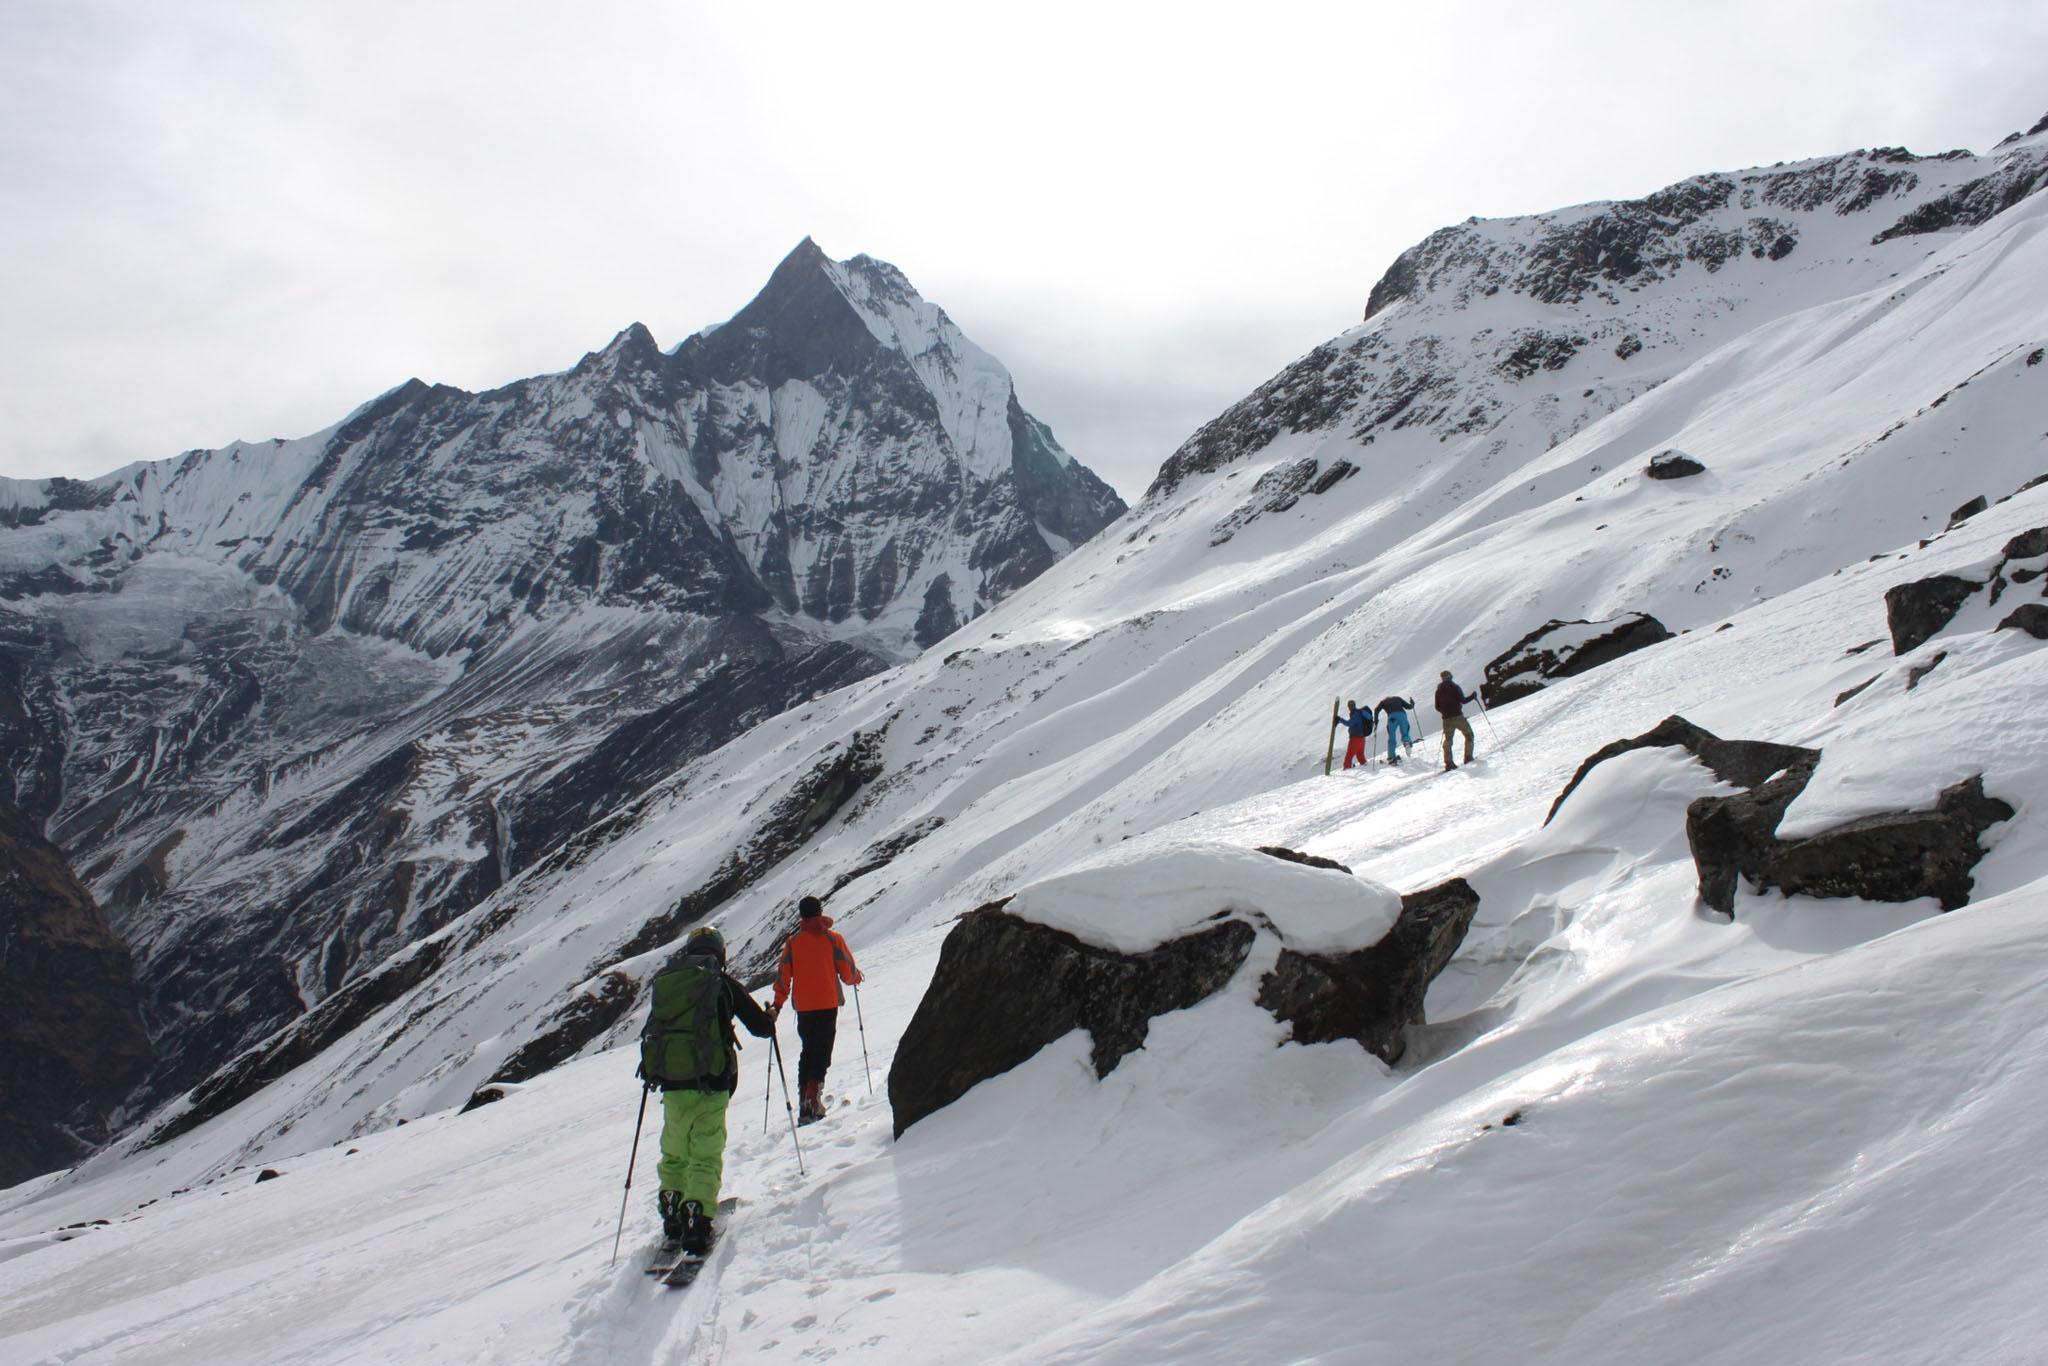 Die Skitouren beginnen auf einer Höhe von 4000m mit Blick auf die umgebenden Achttausender